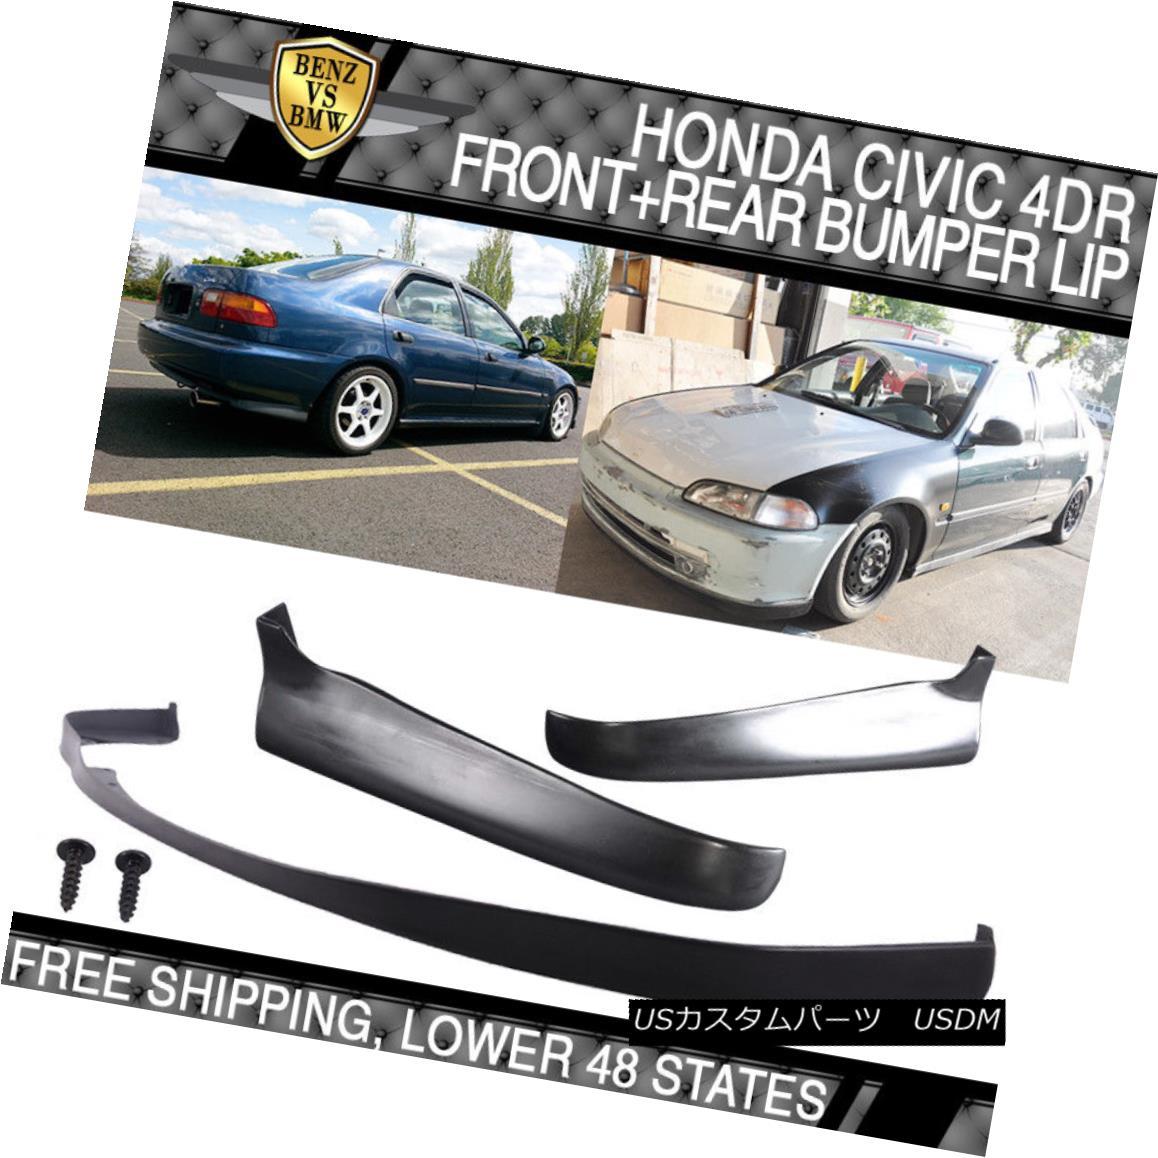 エアロパーツ Fits 92-95 Civic EG SIR Front Bumper Spoiler + 2PC Rear Lip Valance Spats フィット92-95シビックEG SIRフロントバンパースポイラー+ 2PCリアリップバランススパッツ